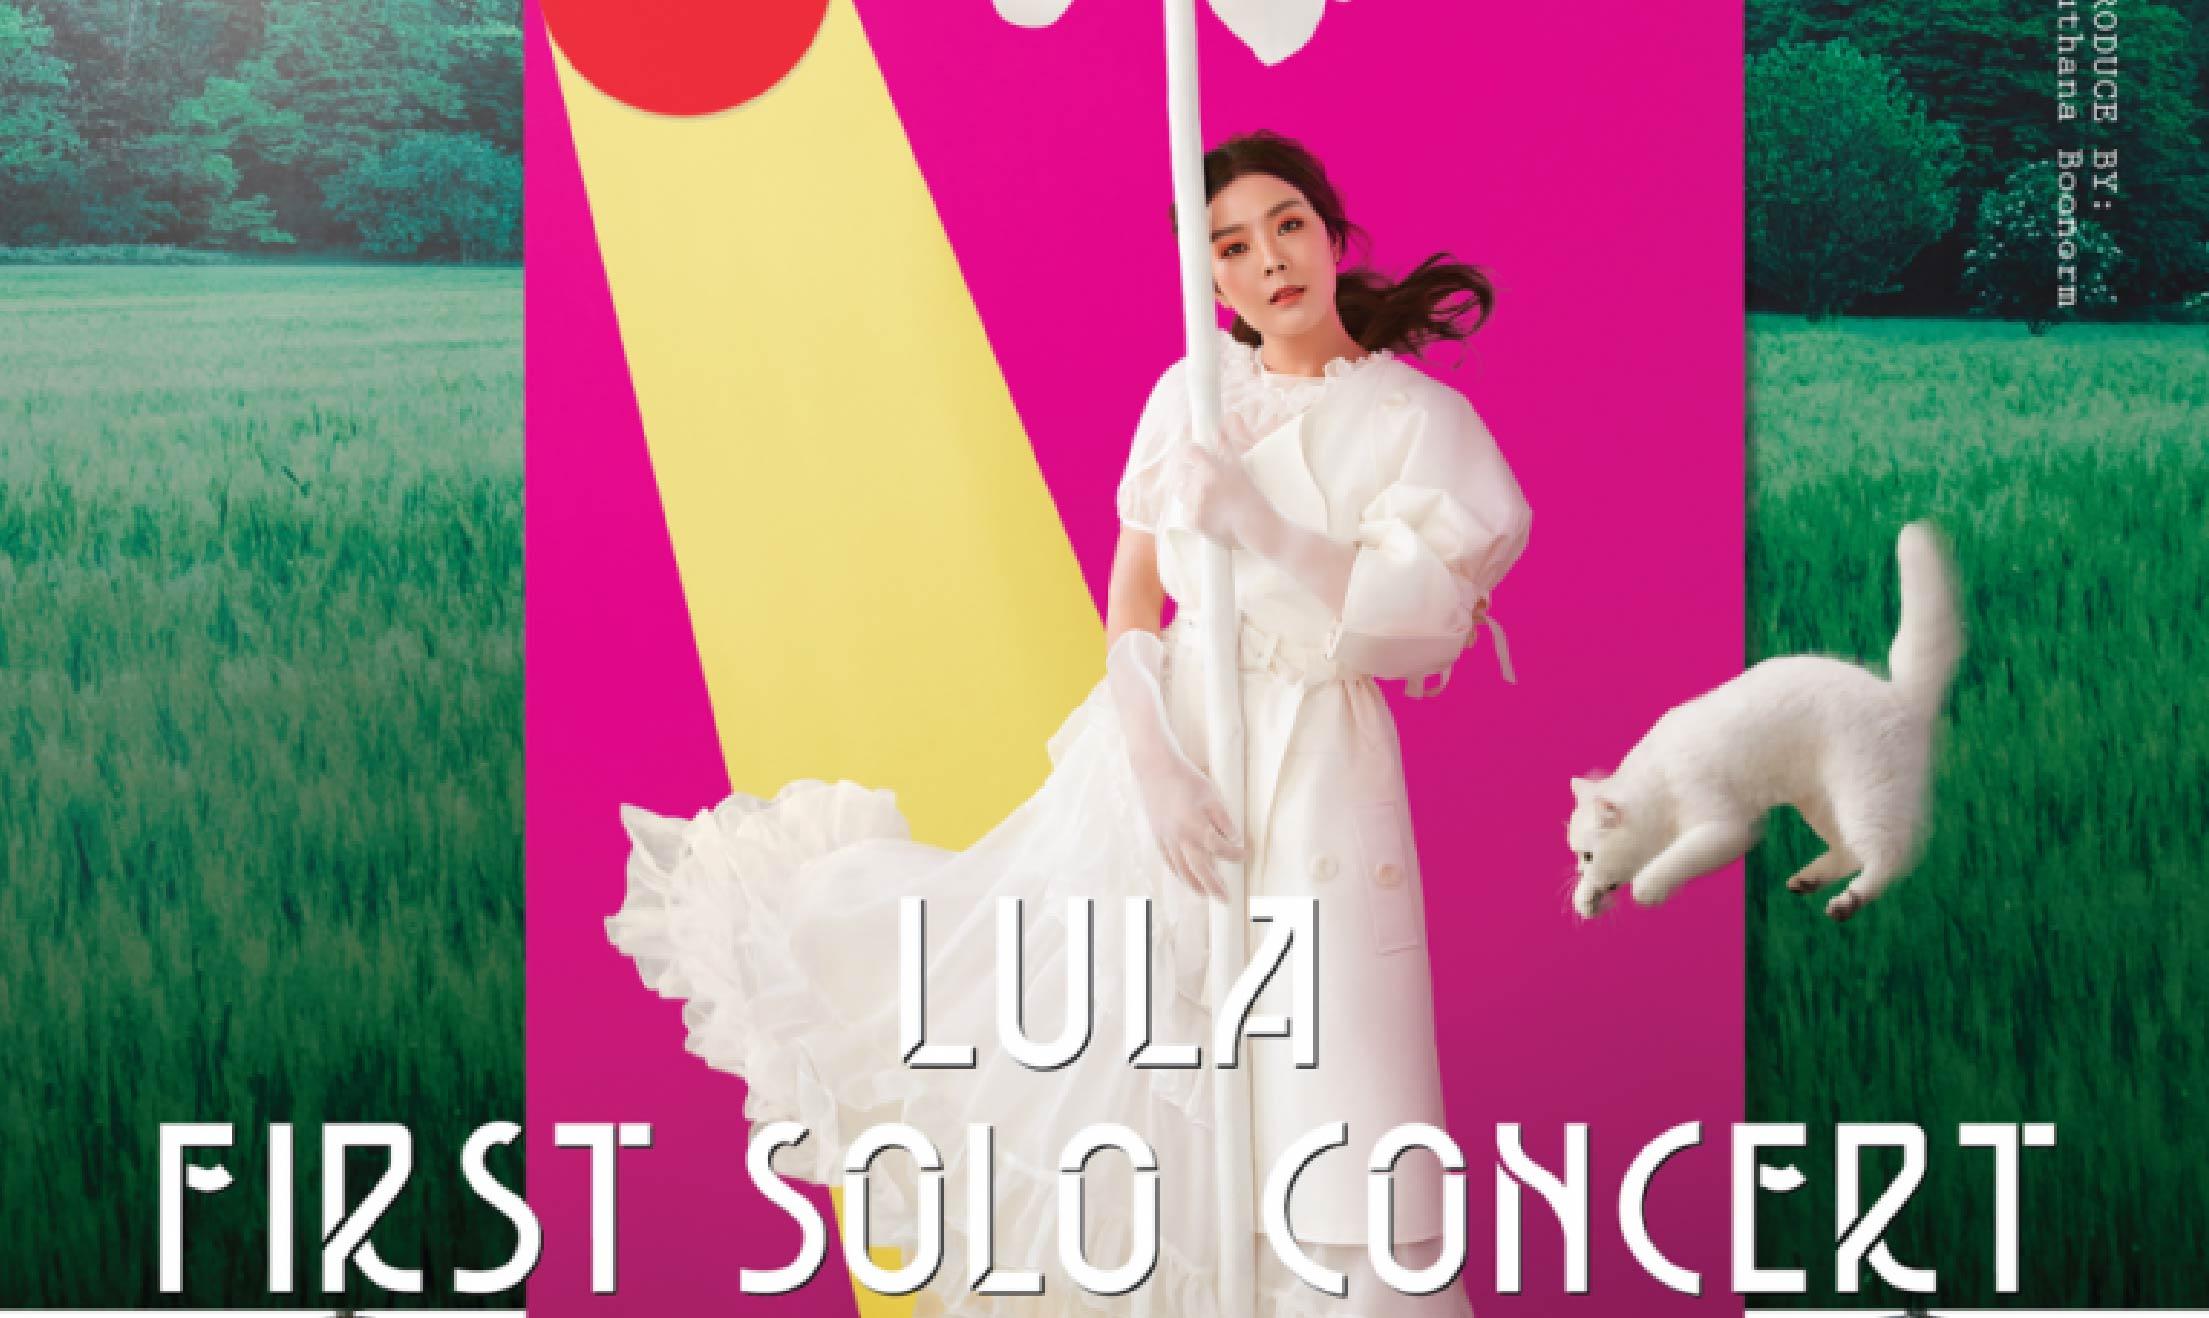 คอนเสิร์ตใหญ่ครั้งแรกในรอบสิบปี กับ LULA FIRST SOLO CONCERT